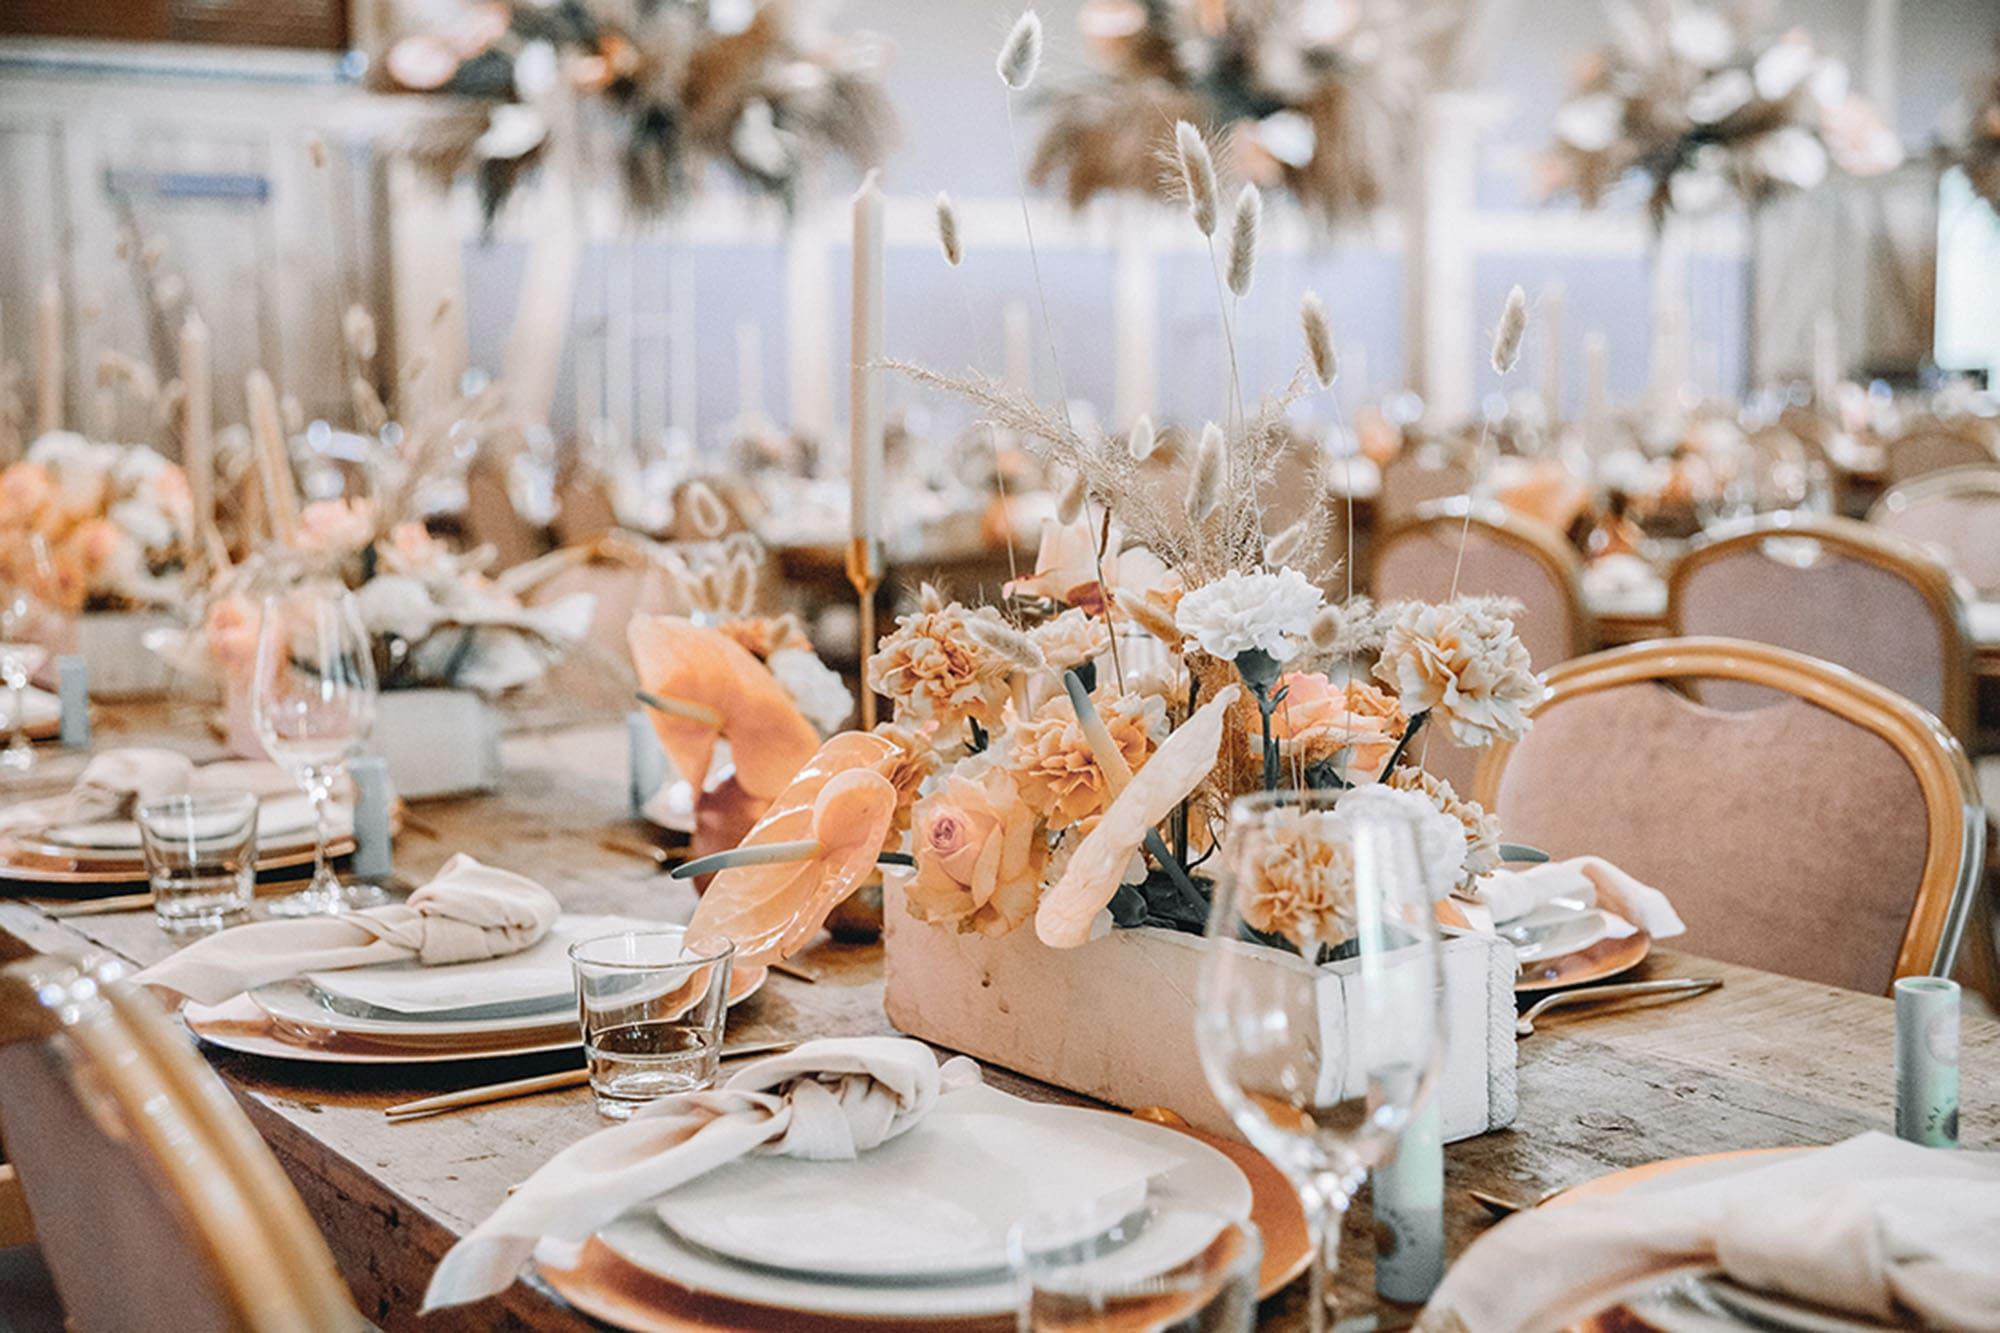 Gedeckte Festtafel mit Blumenschmuck in Apricot und Cremefarben.